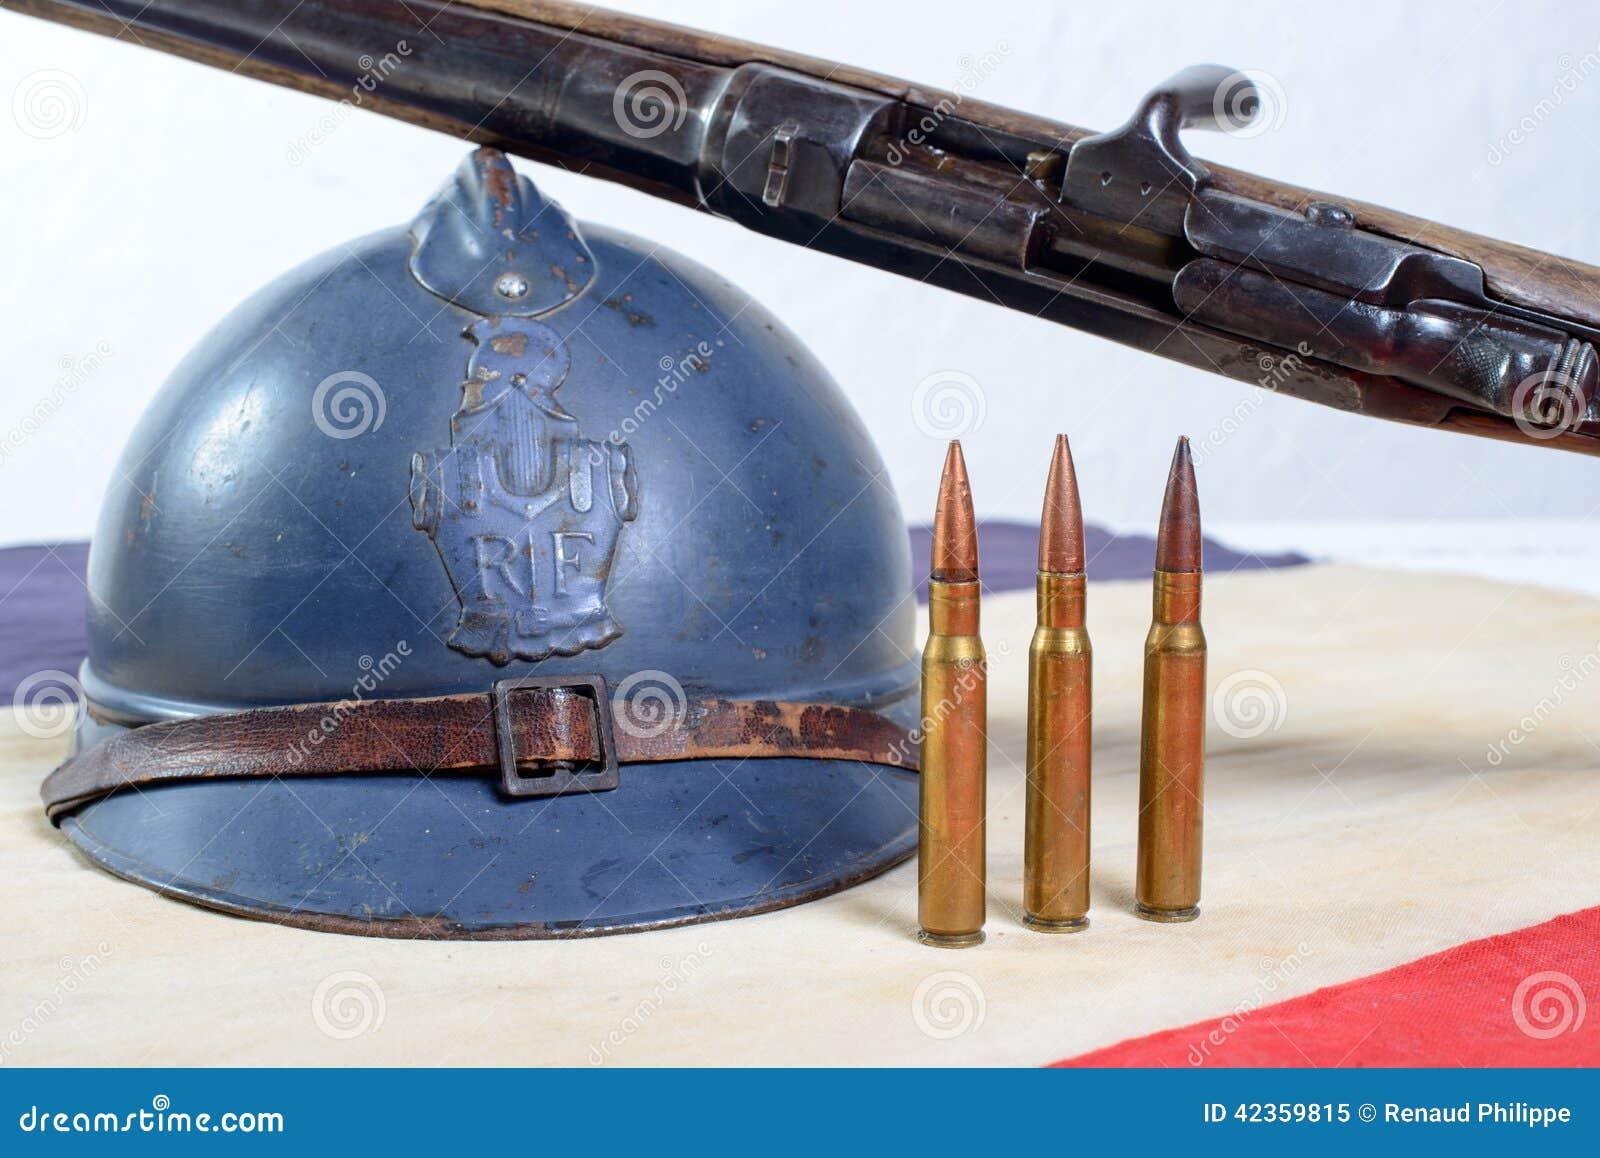 Franse helm van de Eerste Wereldoorlog met een kanon op rode witte B